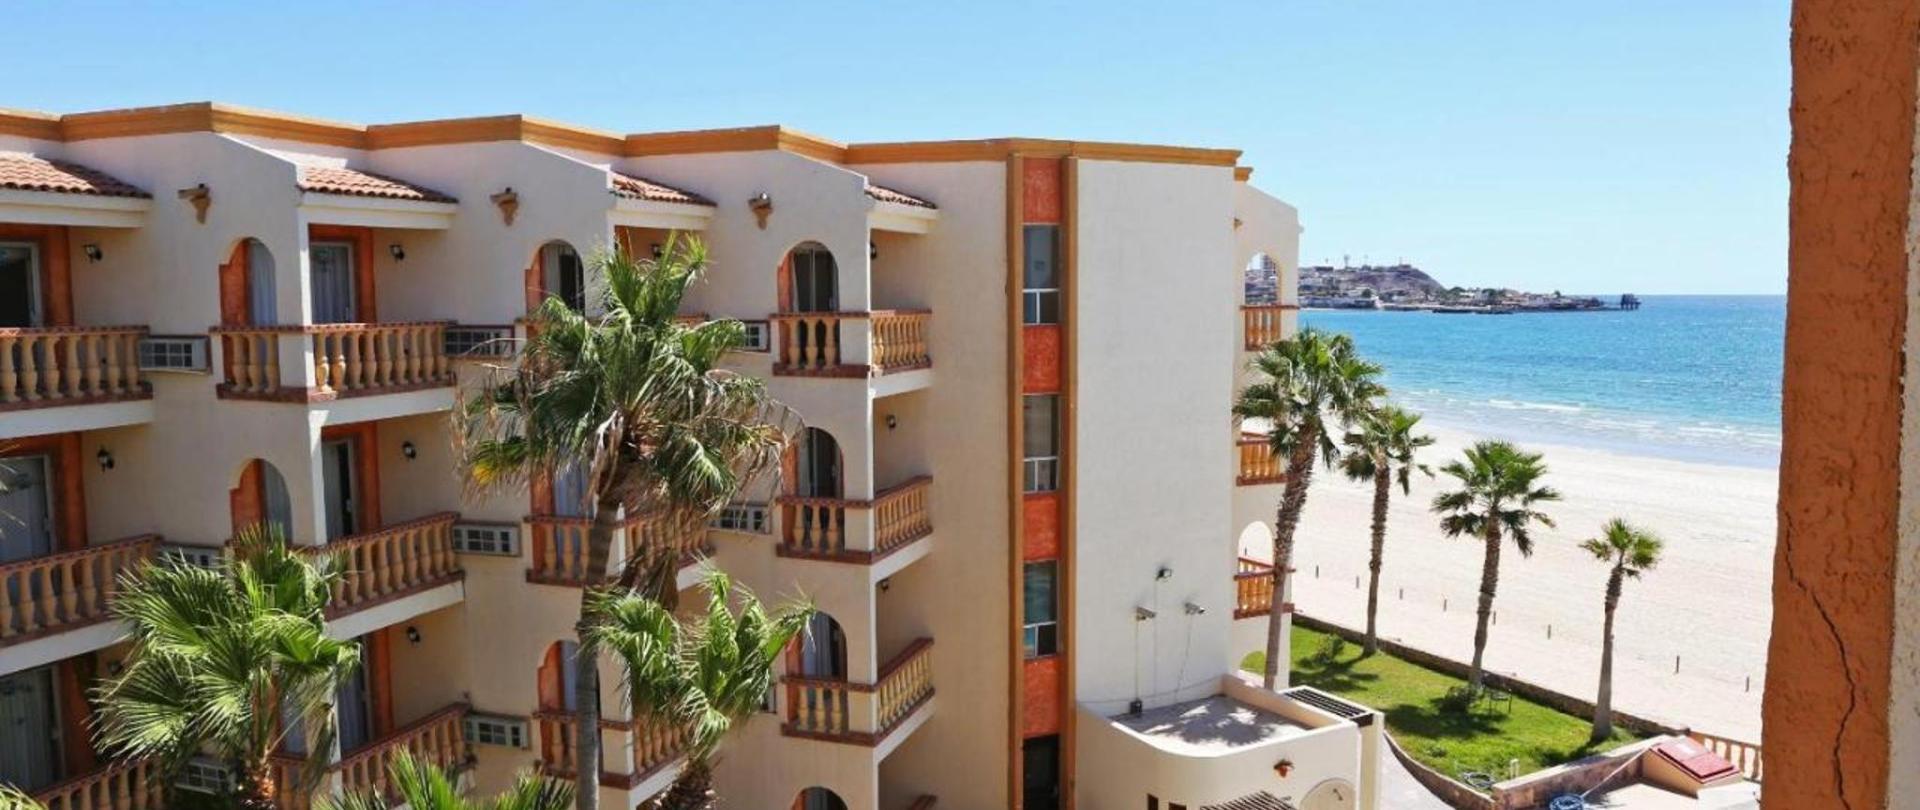 Playa Bonita Resort Rocky Point Puerto Penasco Mexico